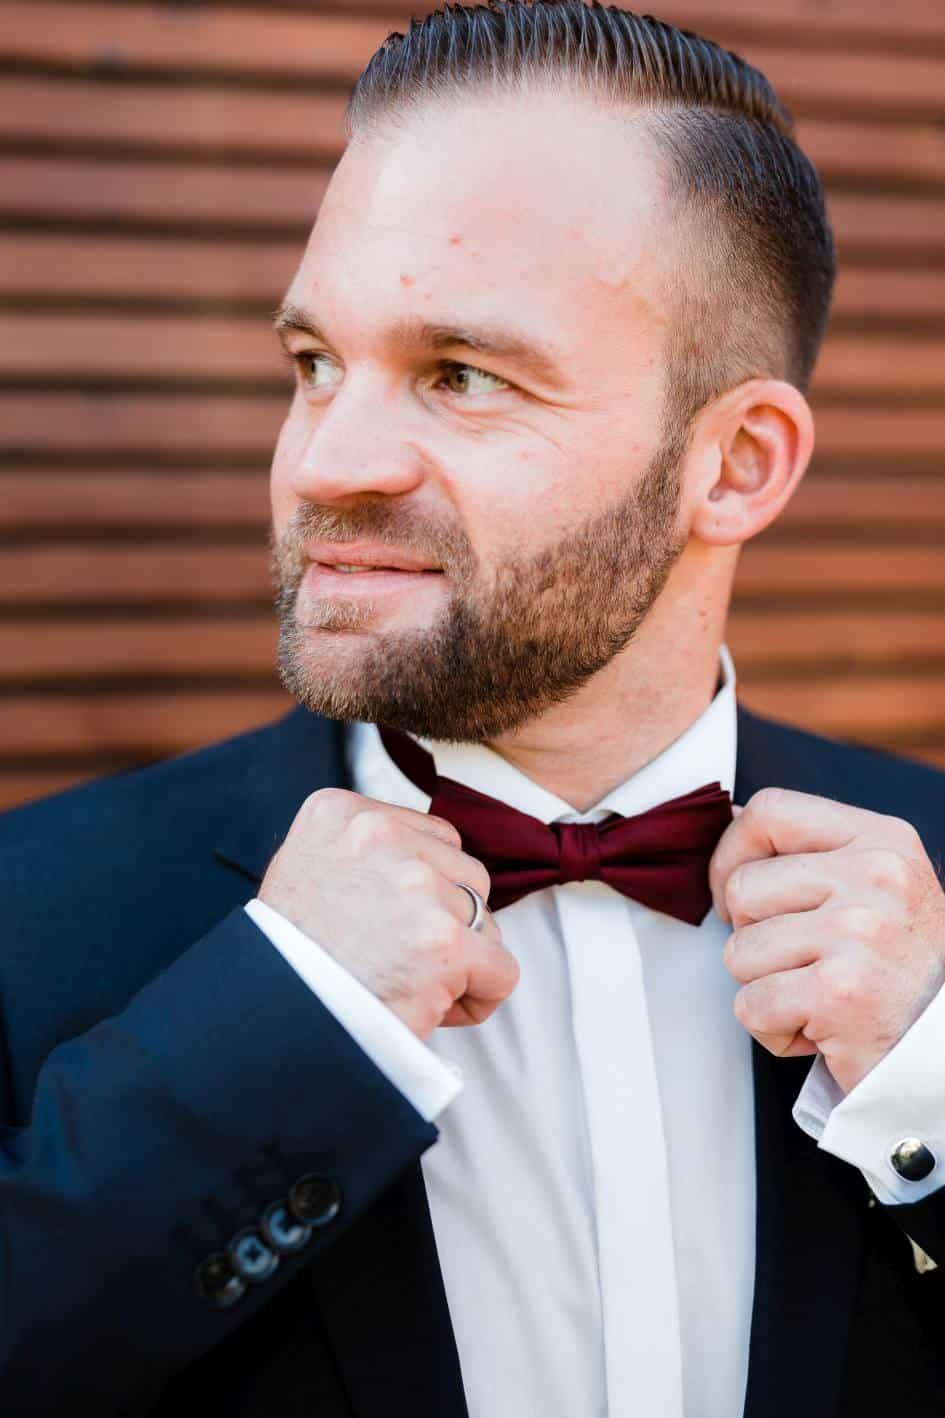 Als Hochzeitsfotograf in Guntersblum: Portrait des Bräutigams